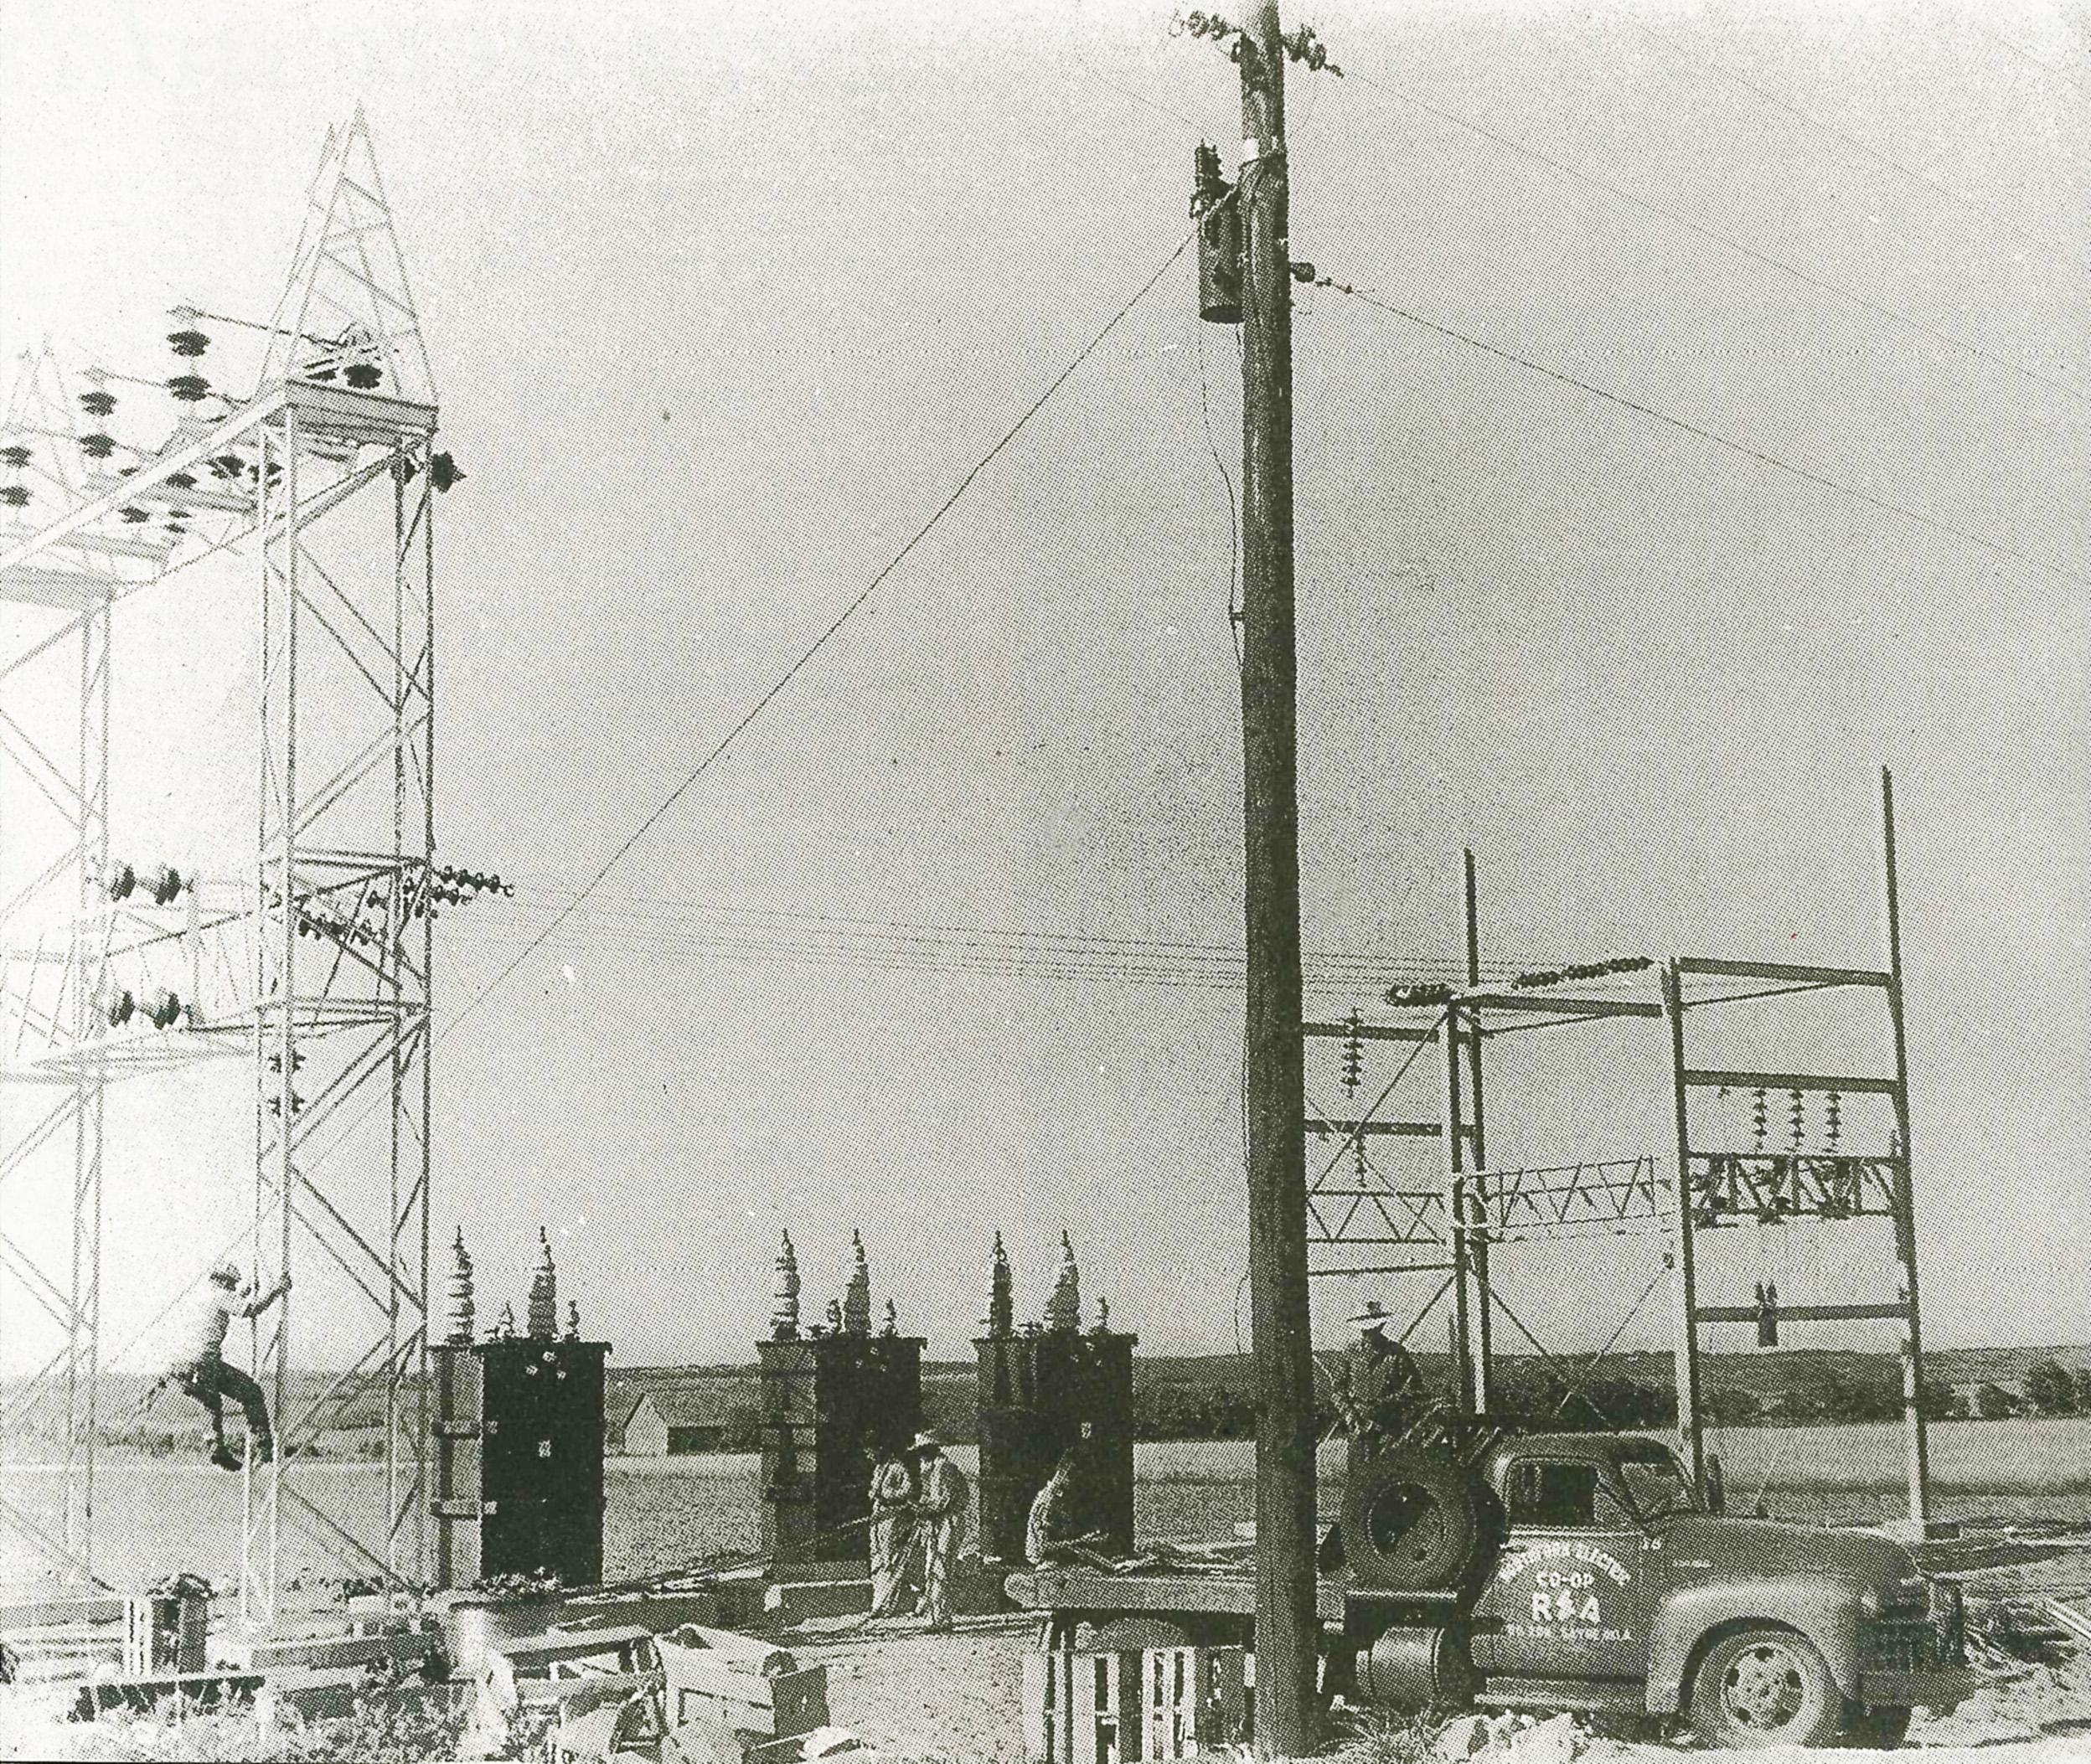 1948 Substation at Reydon